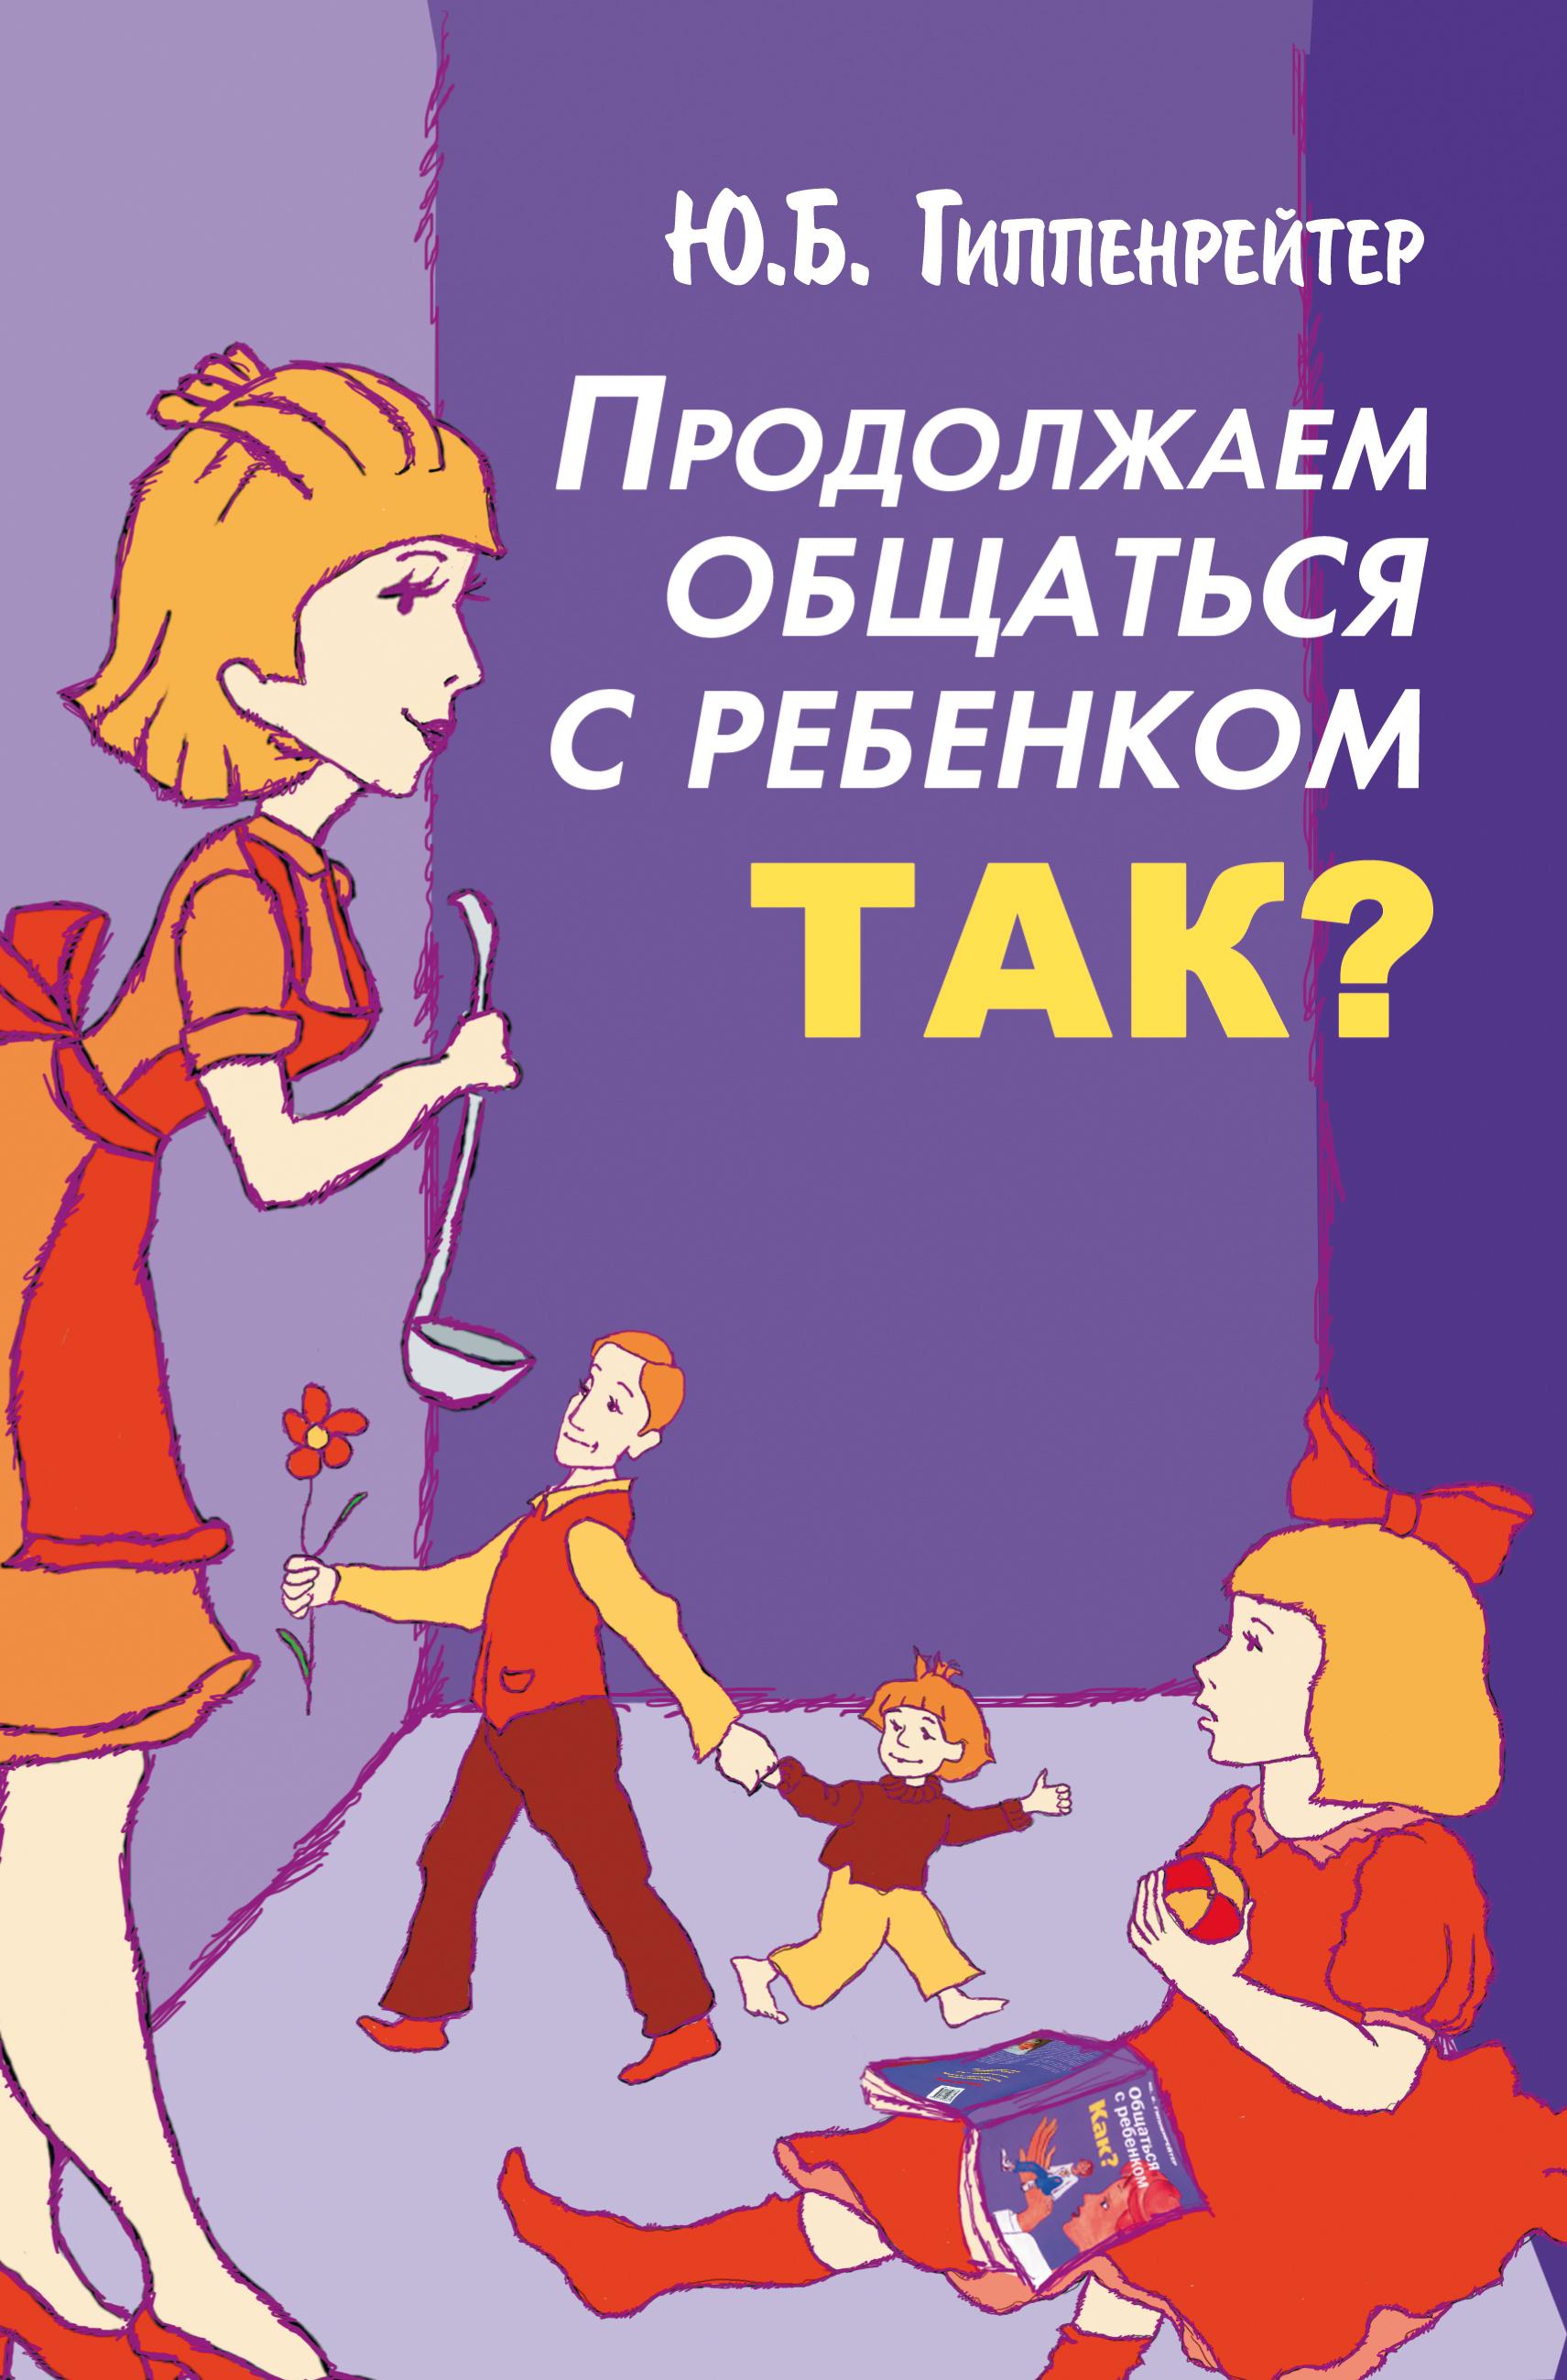 Юлия Гиппенрейтер Продолжаем общаться с ребенком. Так? издательство аст продолжаем общаться с ребенком так